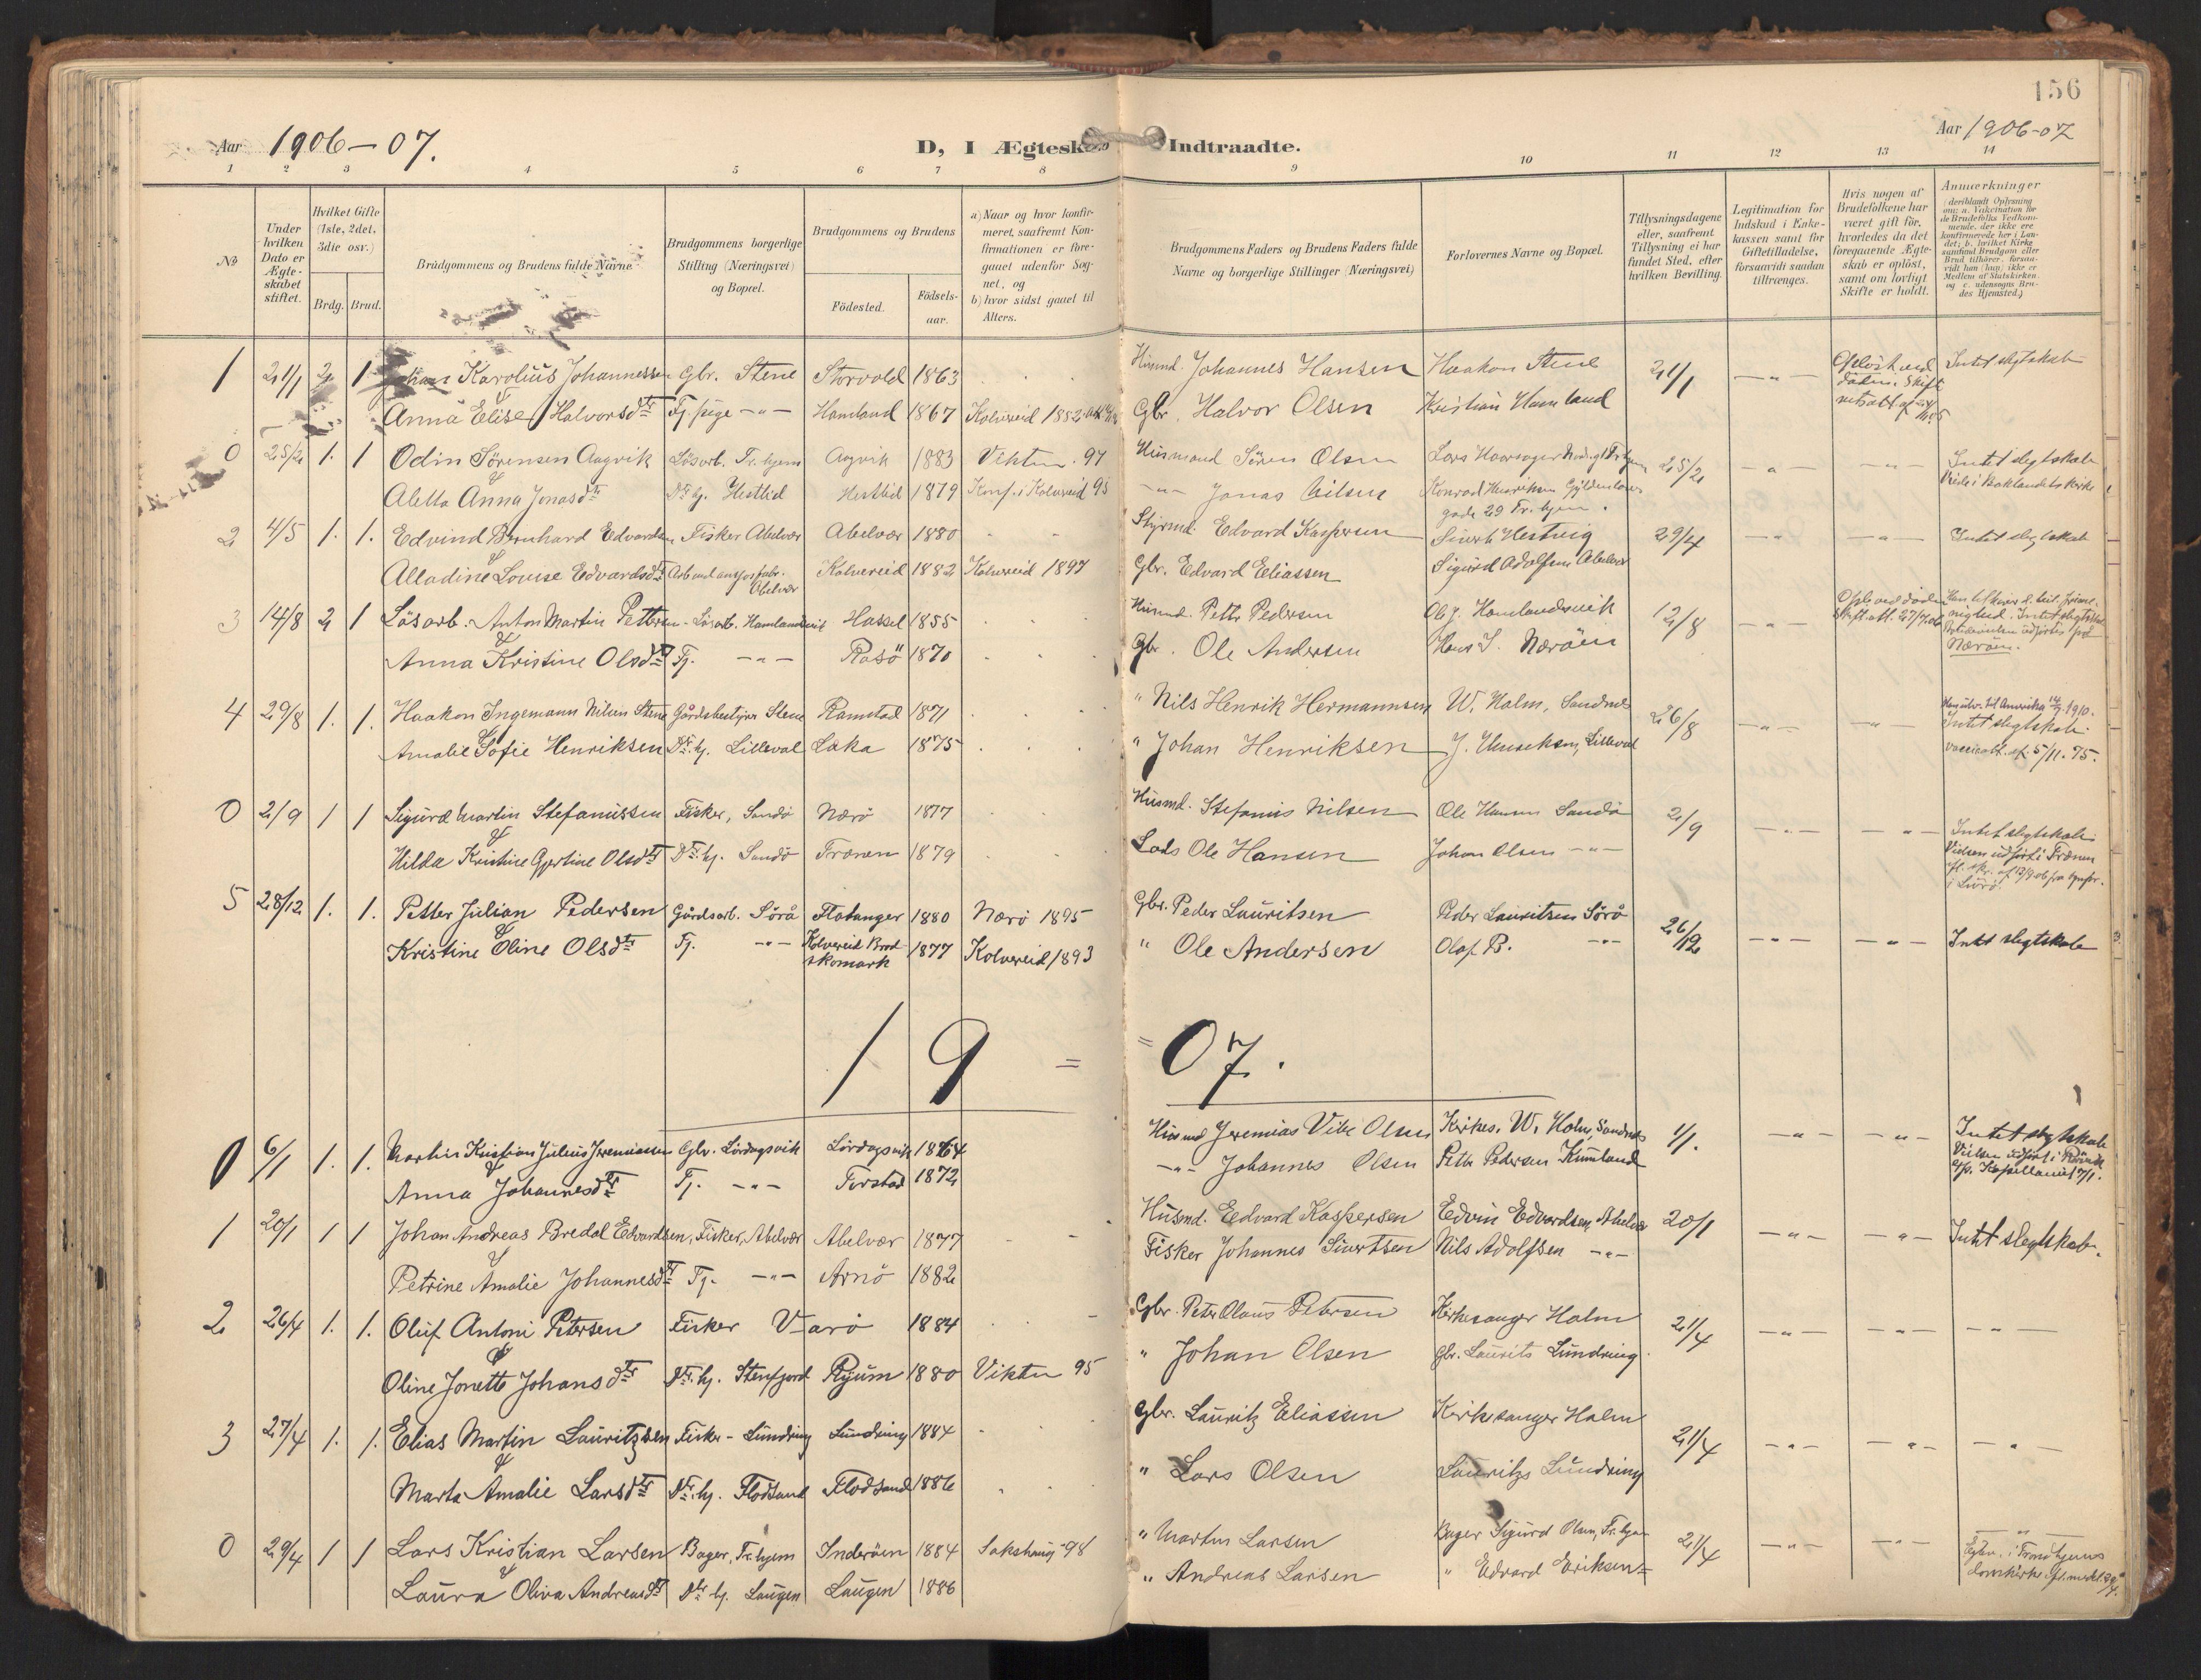 SAT, Ministerialprotokoller, klokkerbøker og fødselsregistre - Nord-Trøndelag, 784/L0677: Ministerialbok nr. 784A12, 1900-1920, s. 156